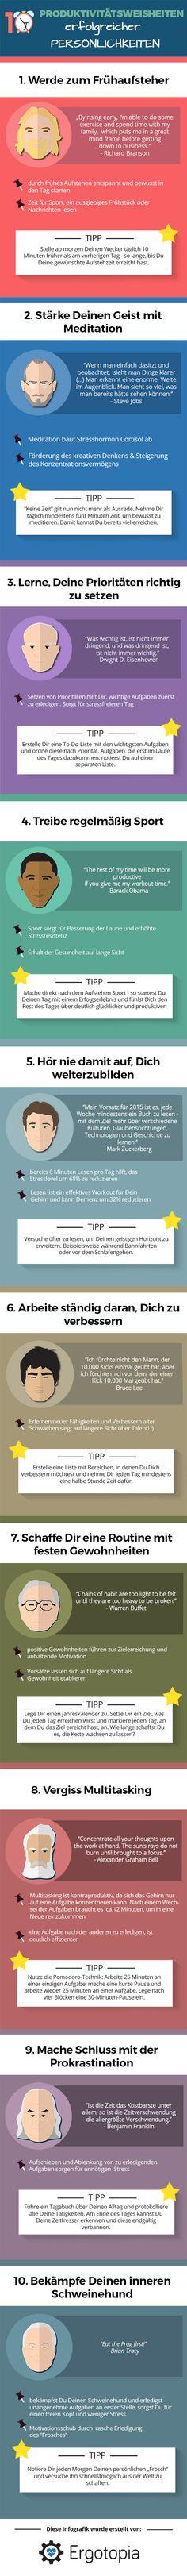 Infografik Produktivitätsweisheiten erfolgreicher Persönlichkeiten